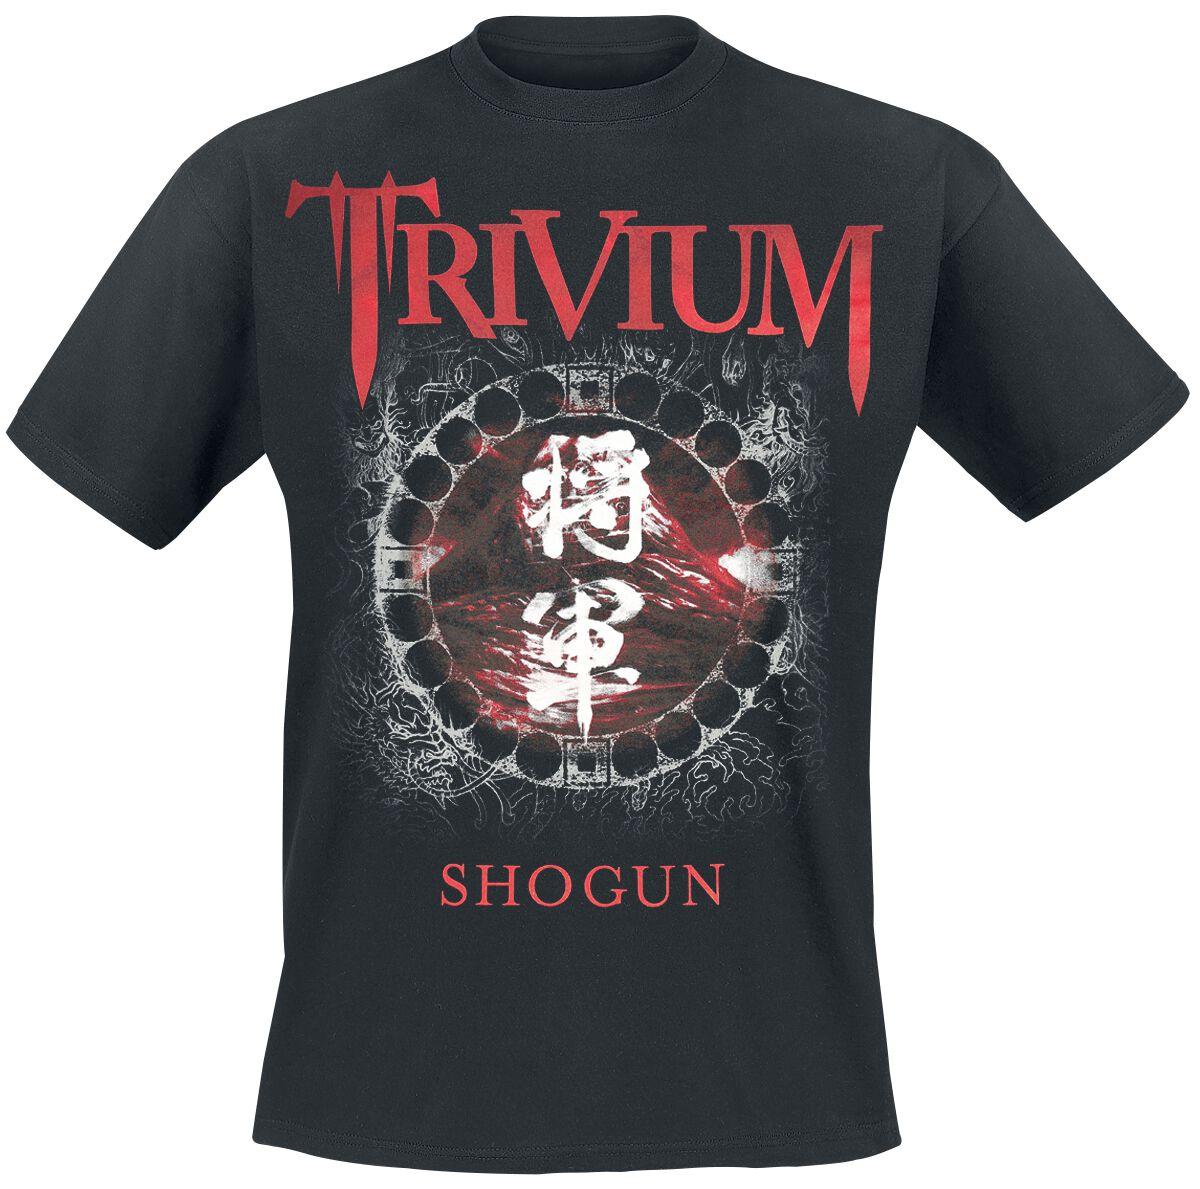 Zespoły - Koszulki - T-Shirt Trivium Shogun T-Shirt czarny - 369581